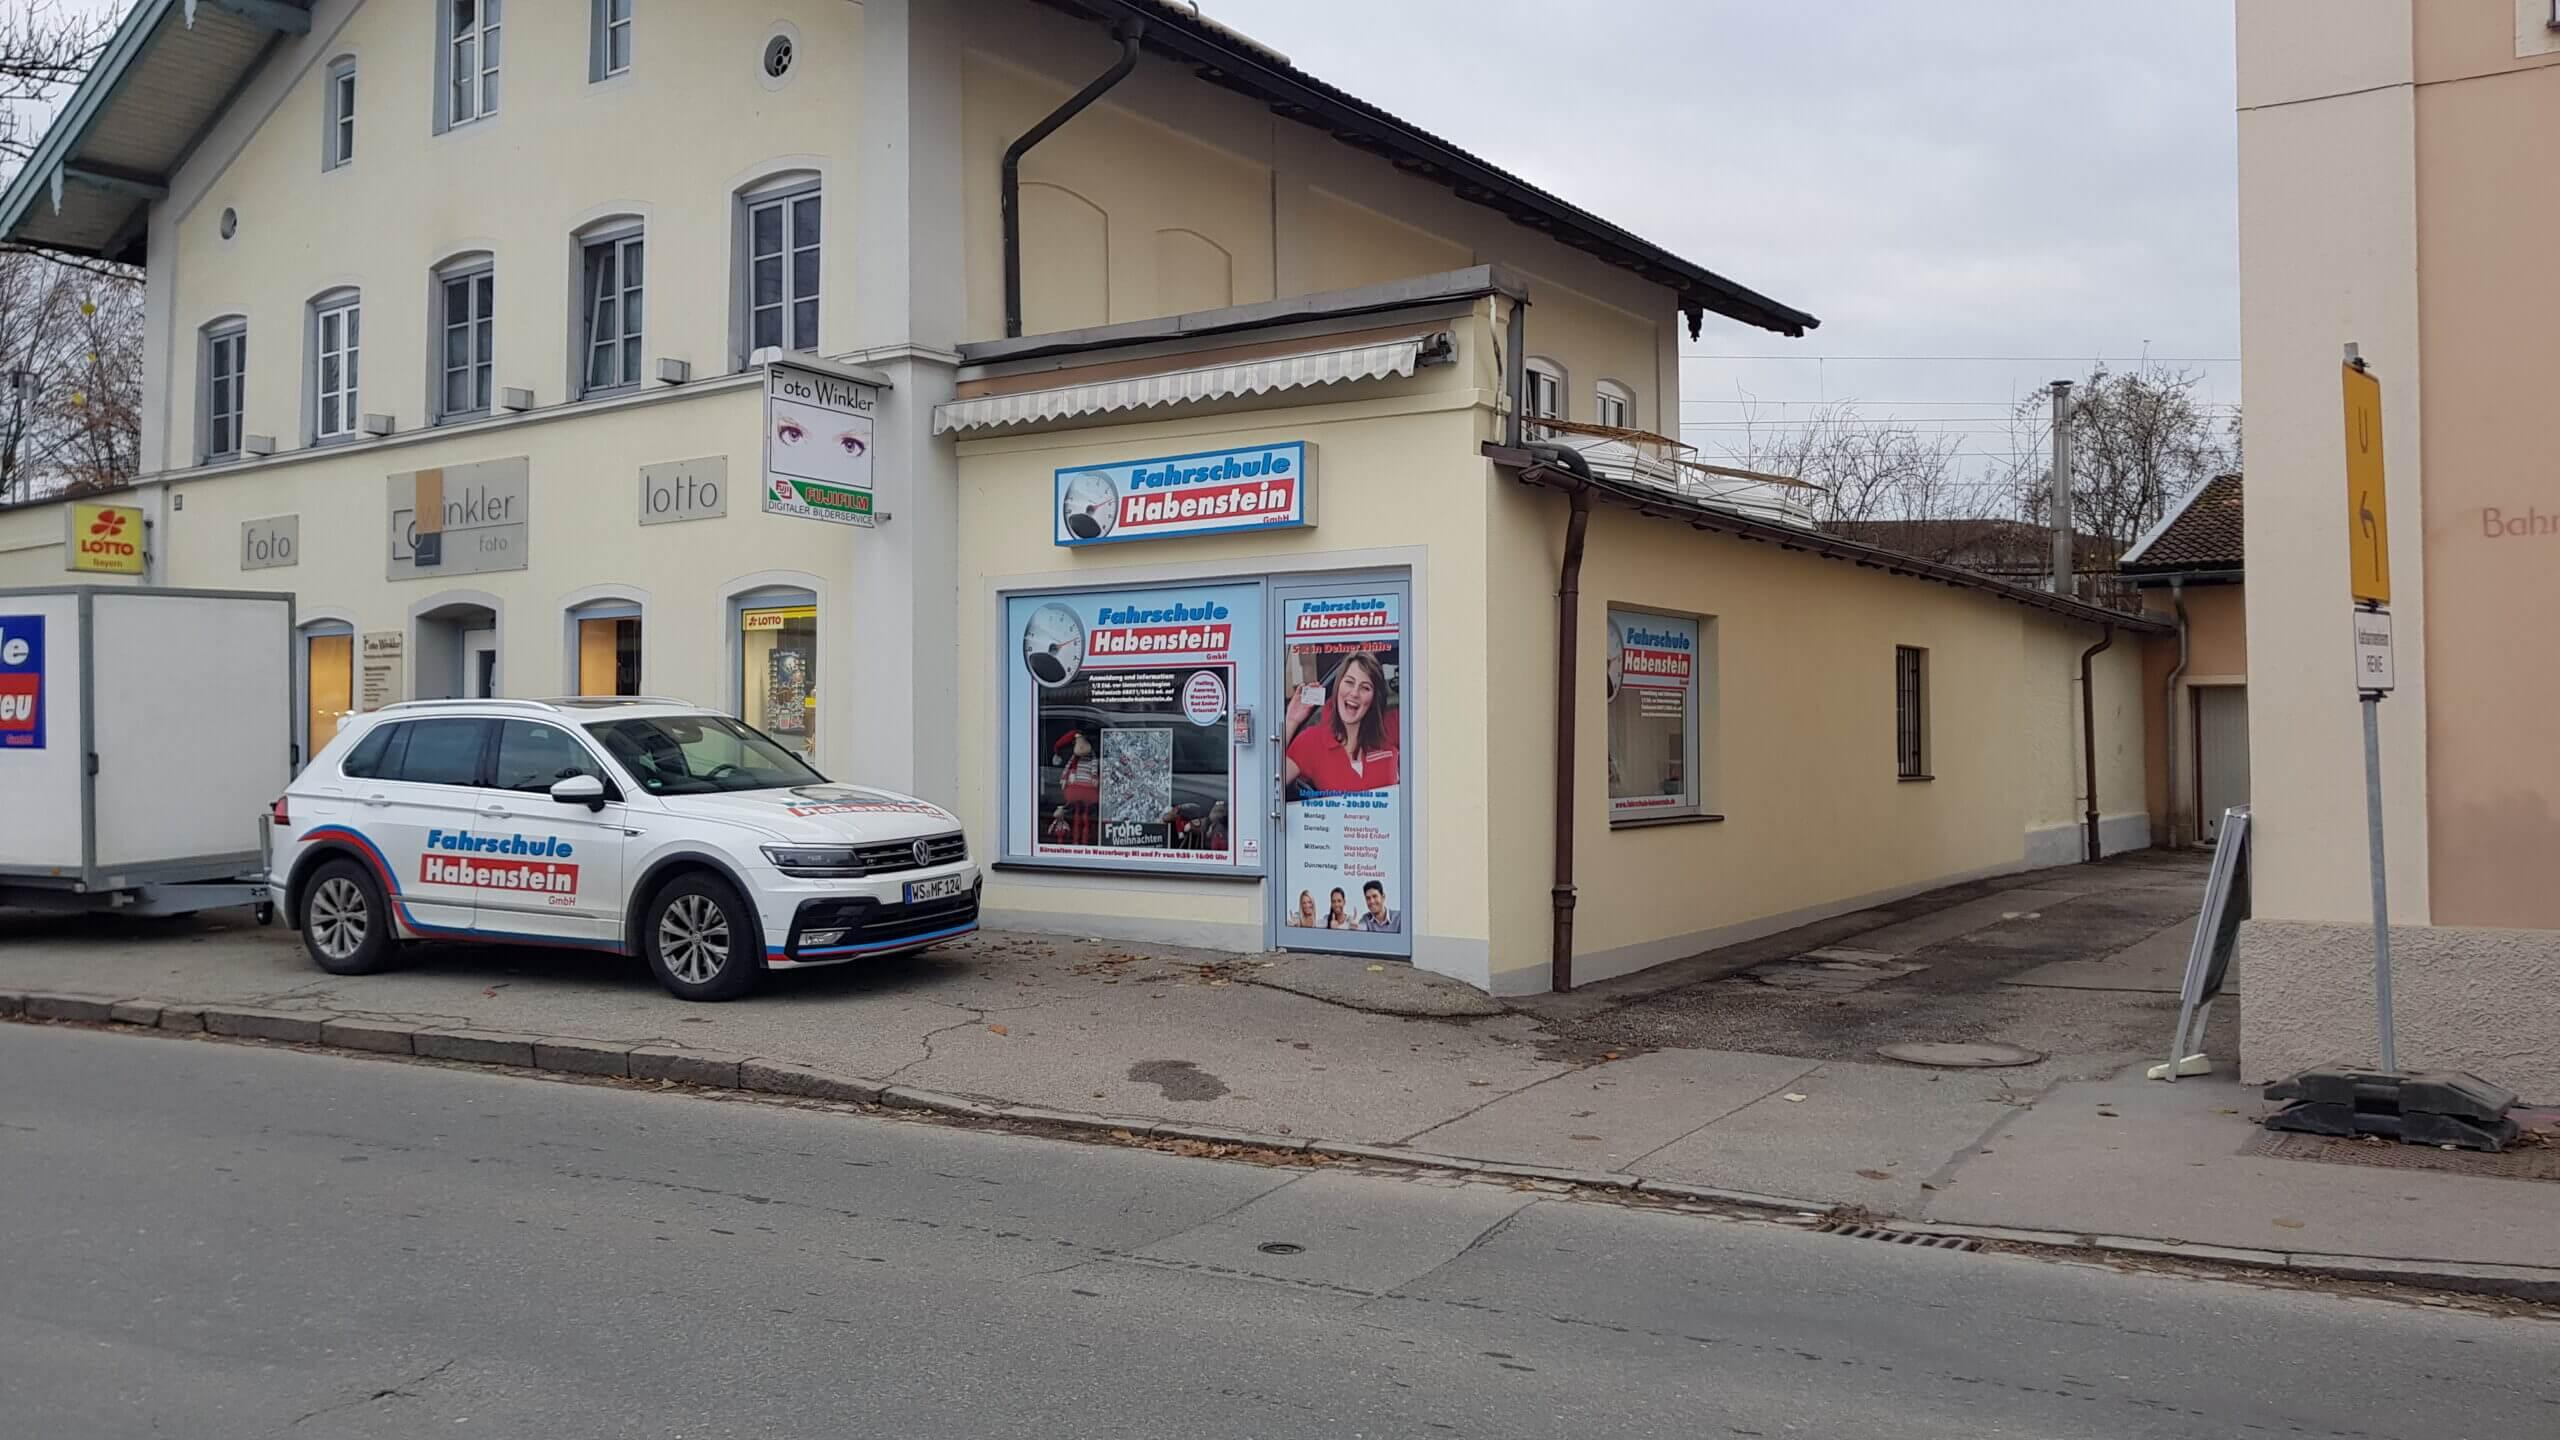 Fahrschule Habenstein und Breu